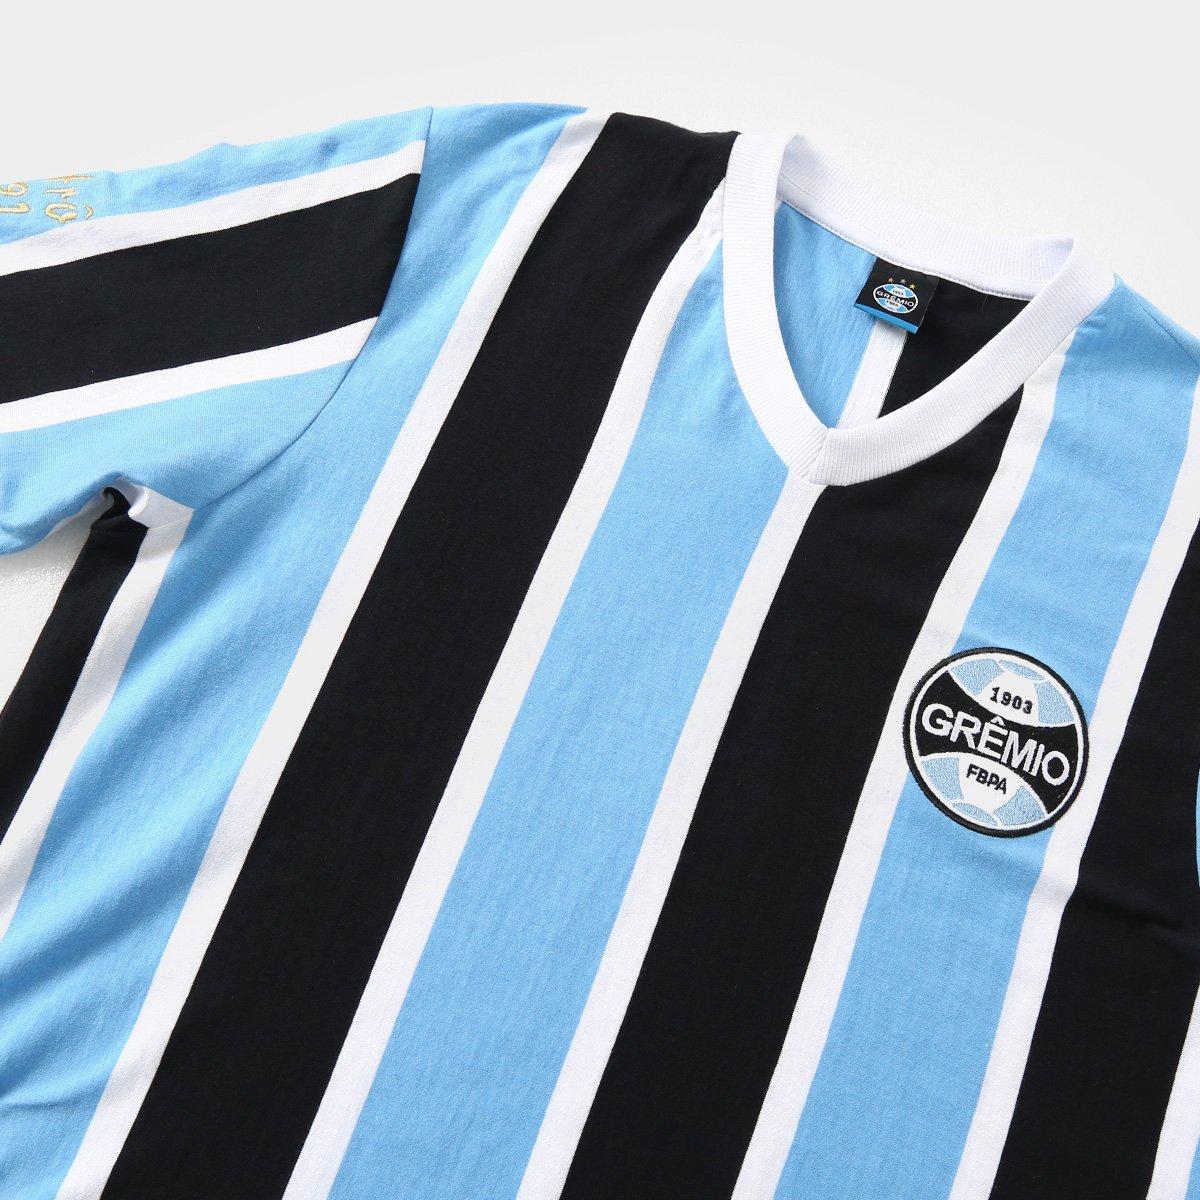 Camisa Grêmio Réplica 1991 Masculina - Preto e Azul - Compre Agora ... ba9f047d62b29